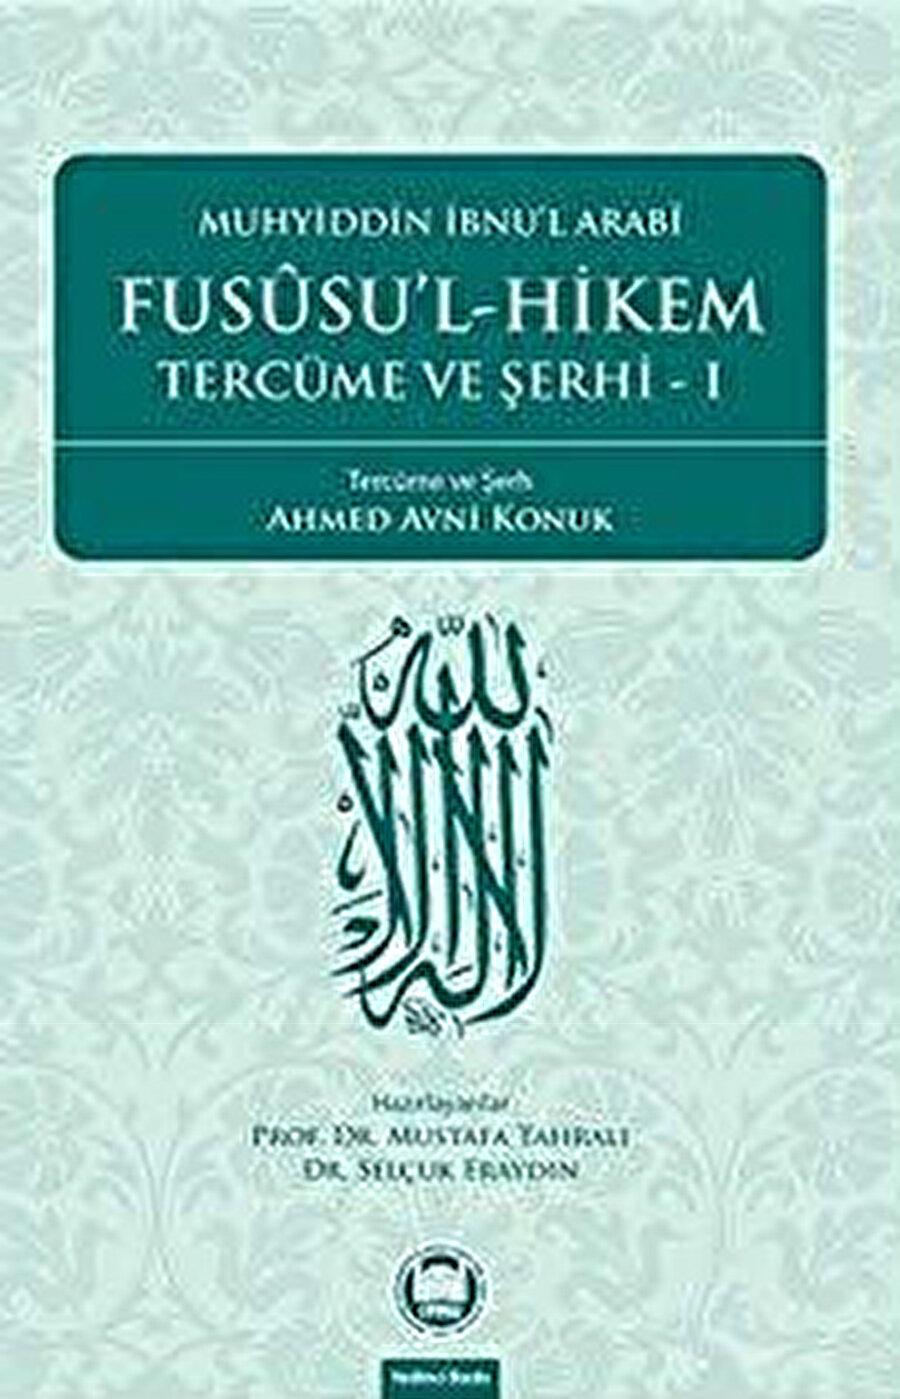 Ahmed Avni Konuk, Fusûsu'l-Hikem Tercüme ve Şerhi, haz.: Mustafa Tahralı, Selçuk Eraydın, 1987-1992